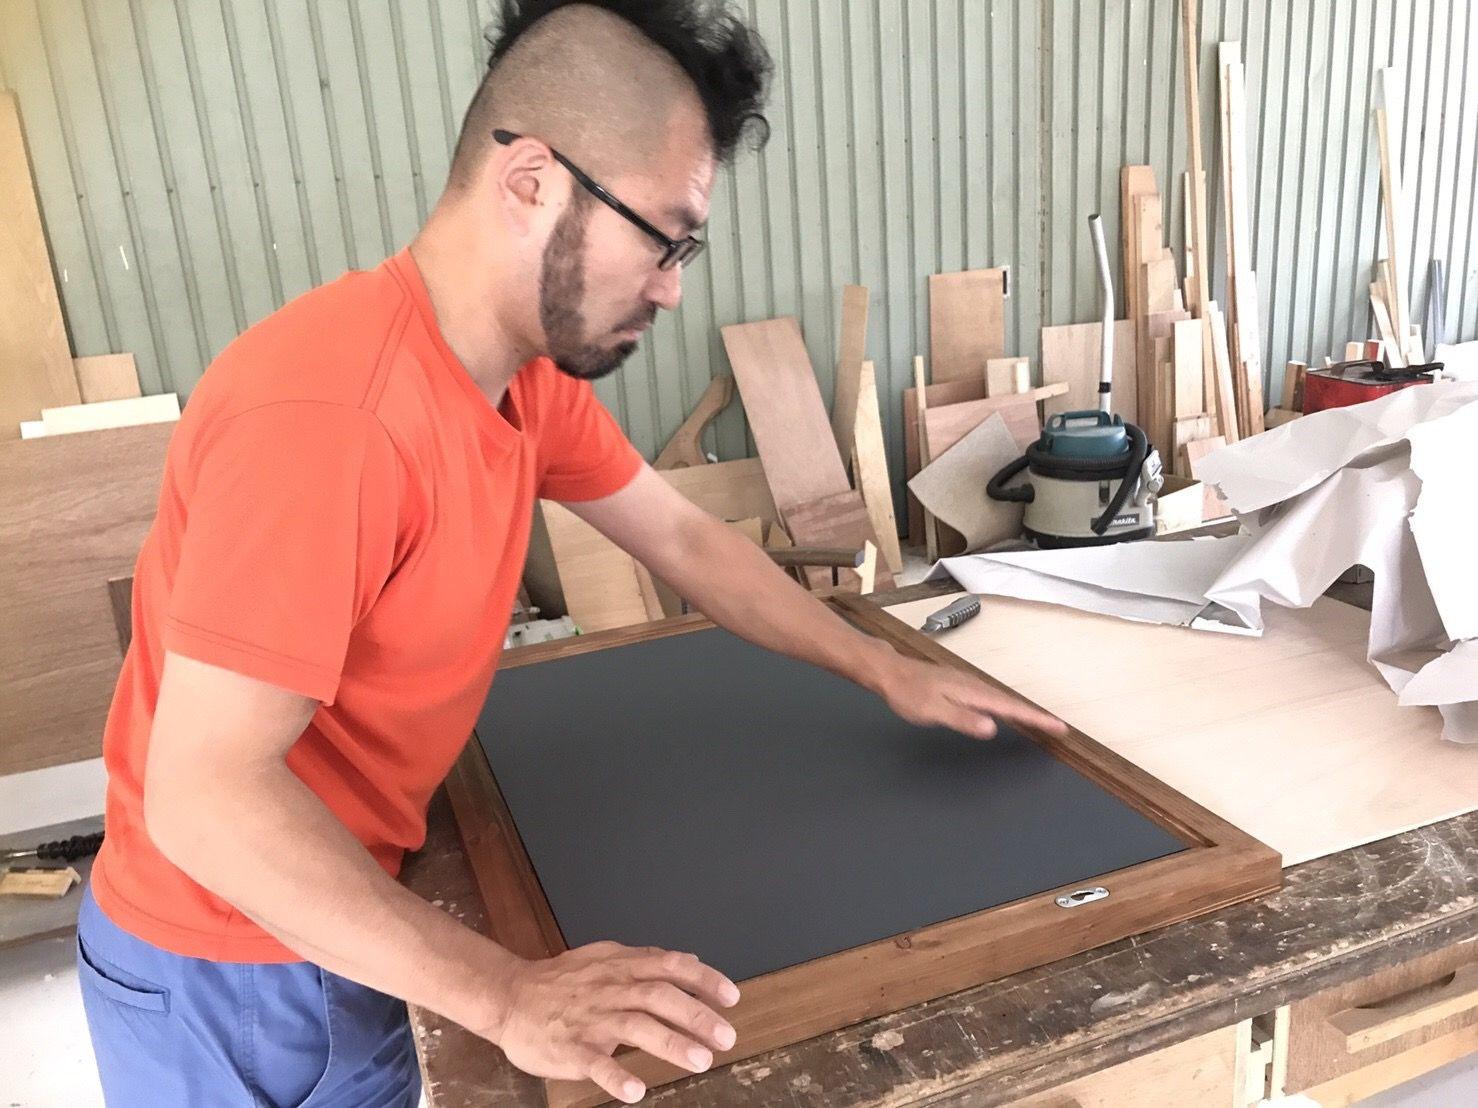 壁掛けミラー「WFM」のミラー組み付け作業